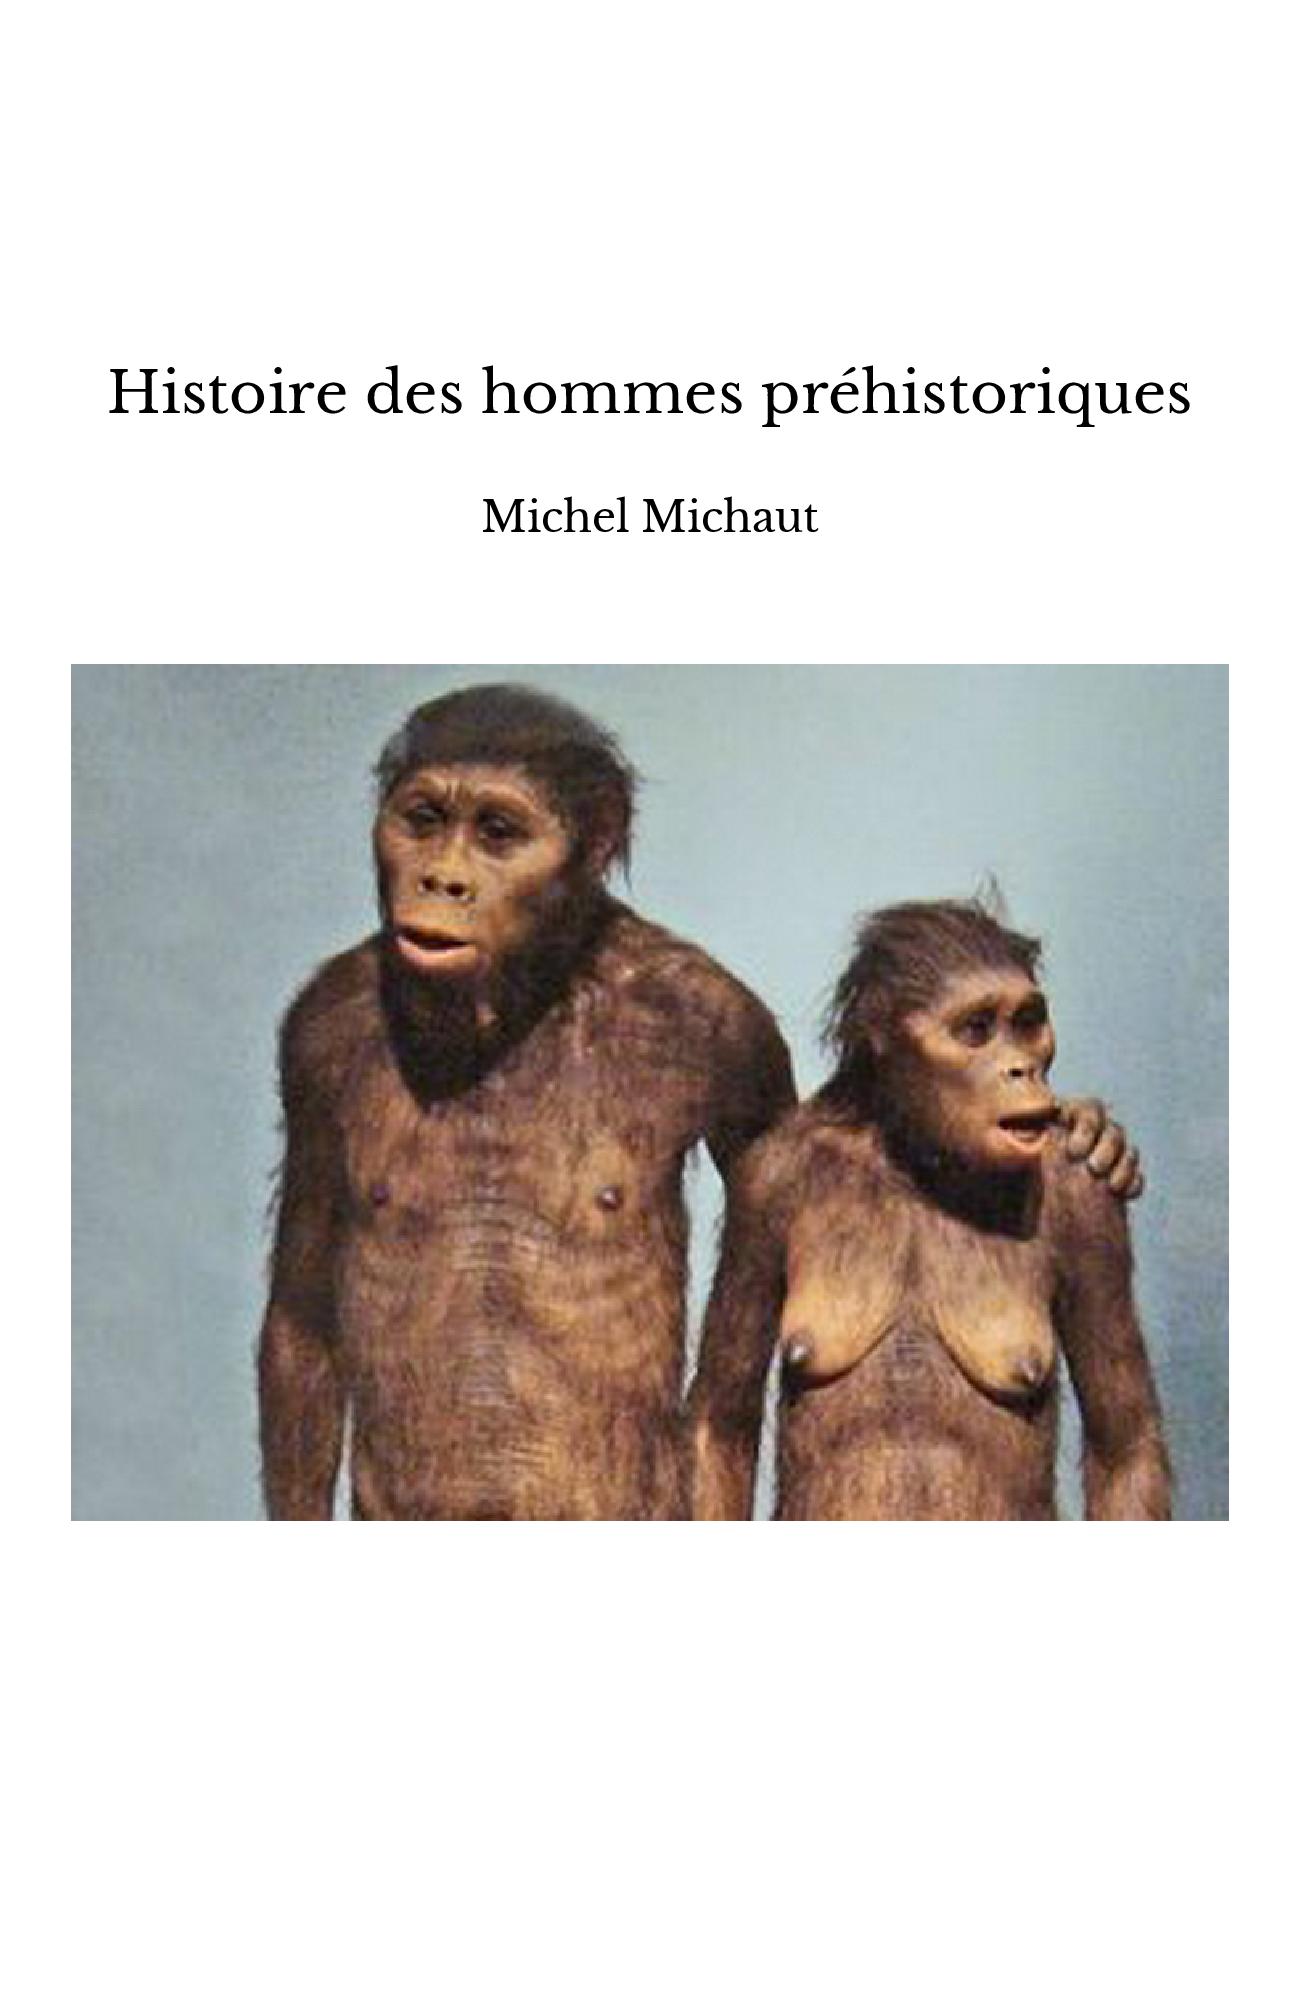 Histoire des hommes préhistoriques